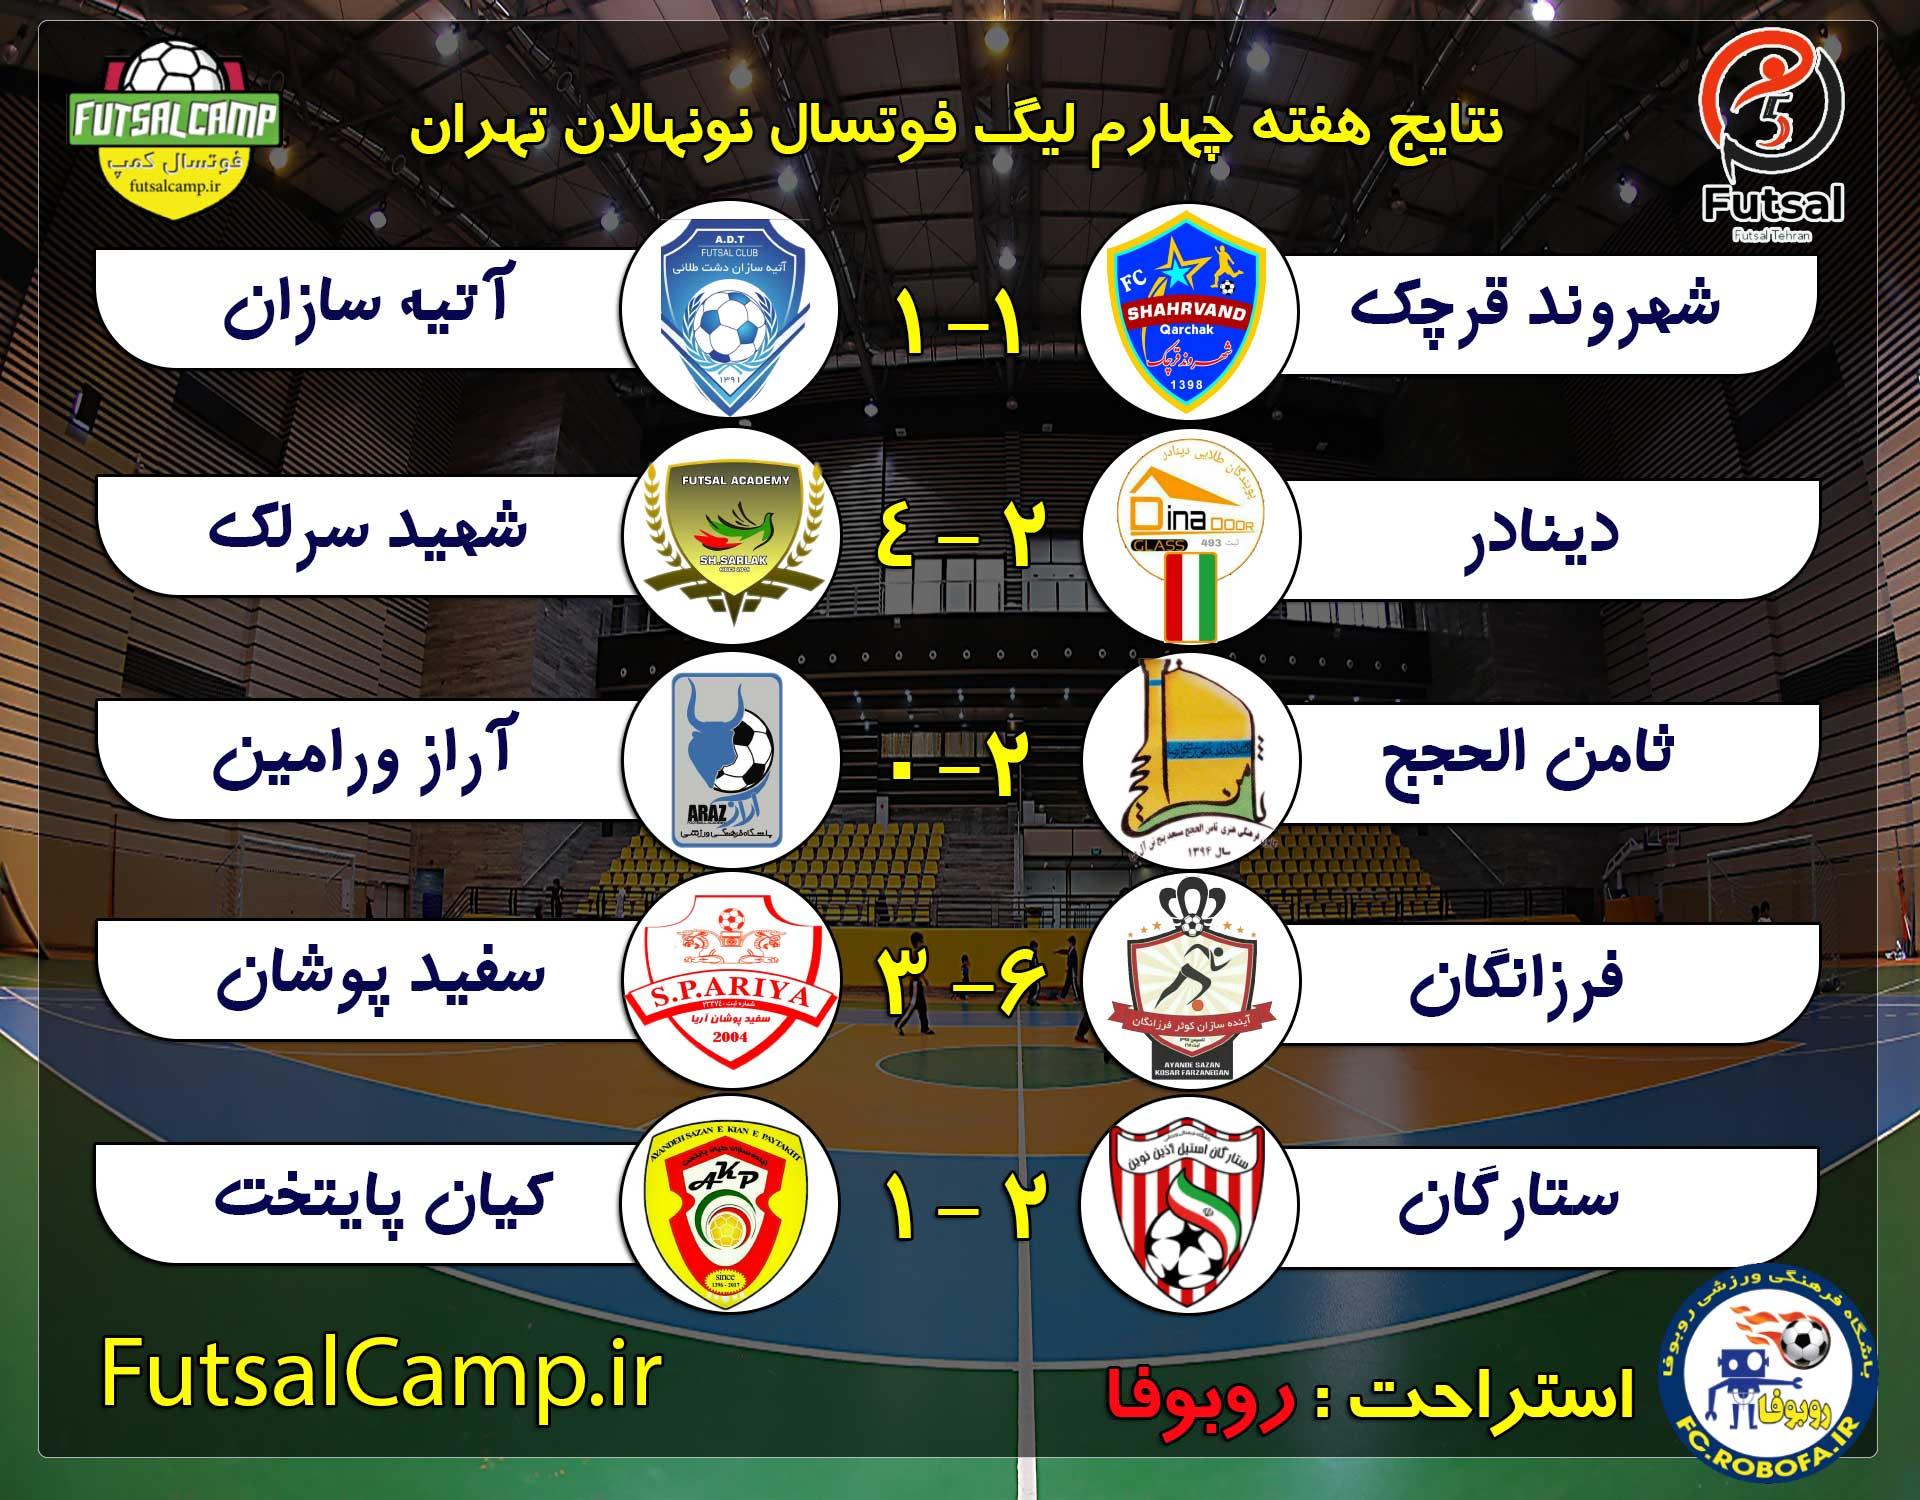 نتایج بازی لیگ فوتسال نونهالان تهران هفته چهارم